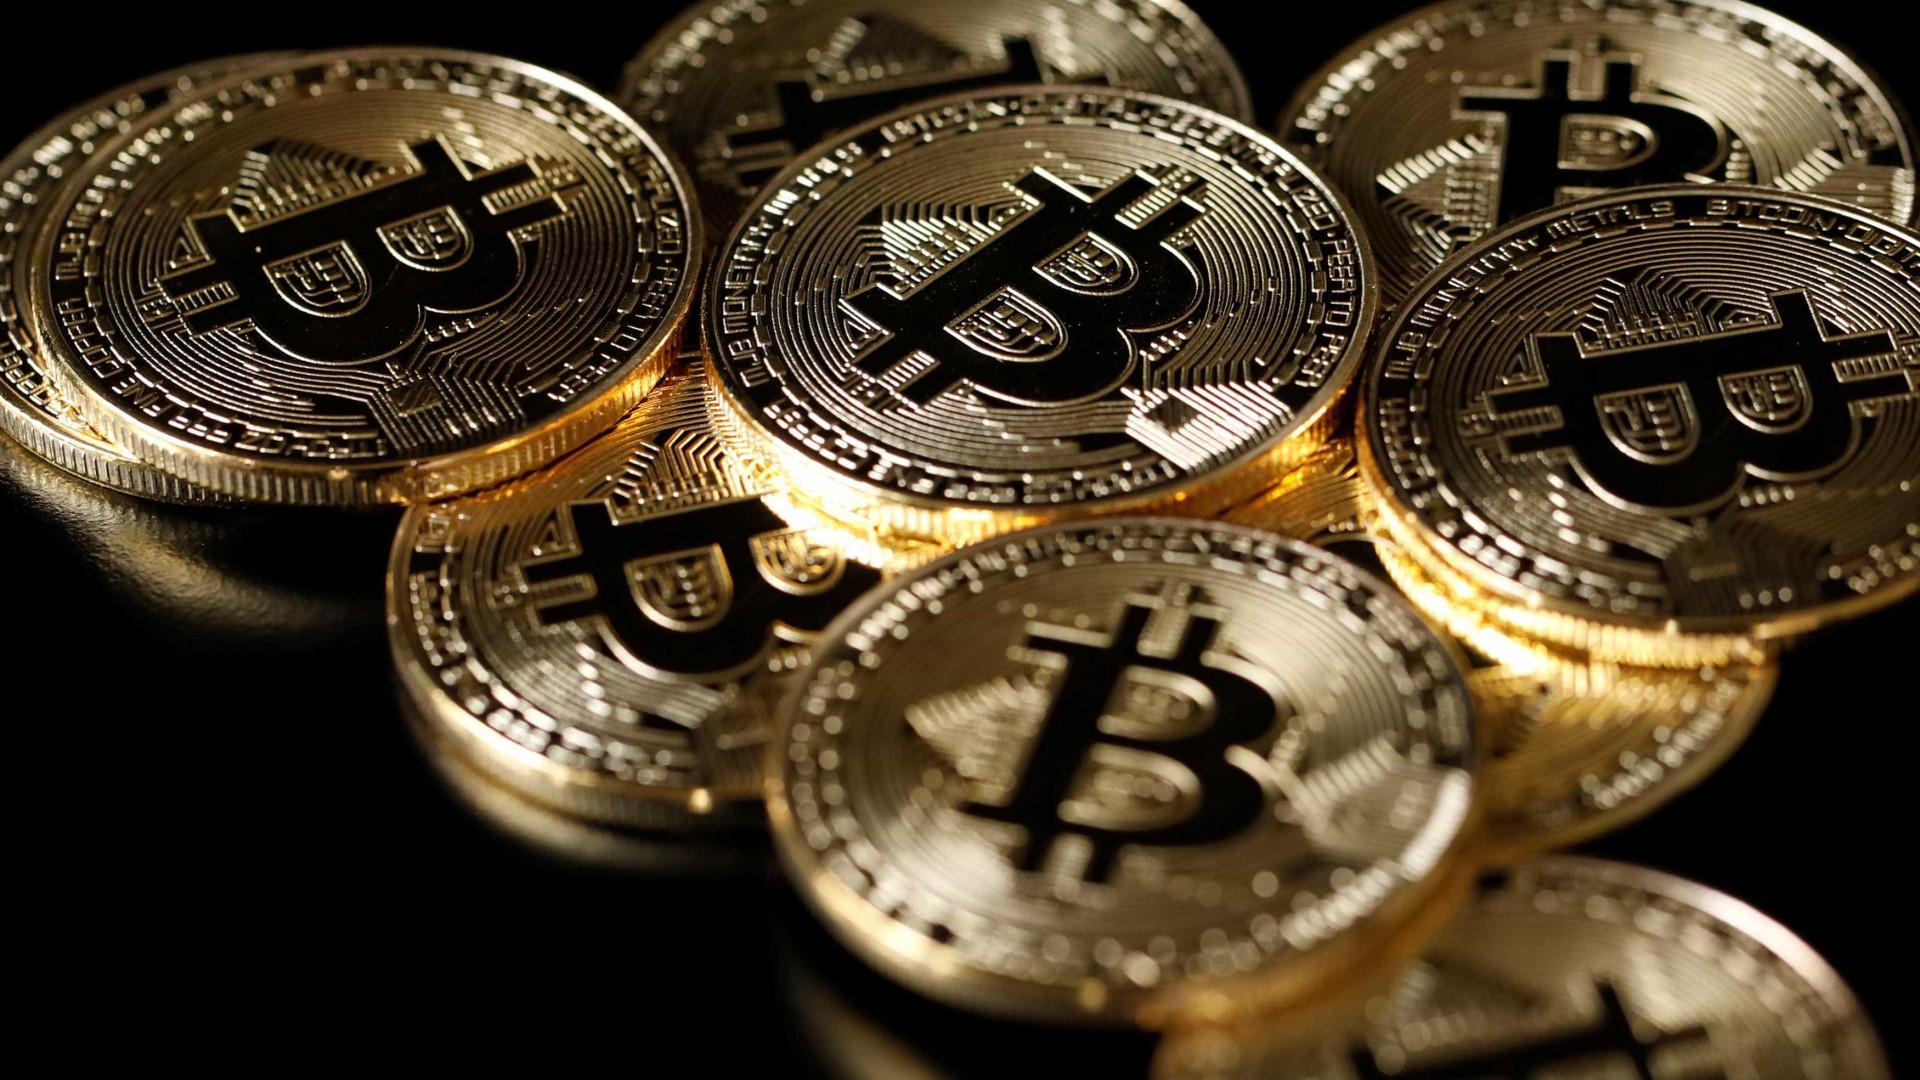 Forte alta do bitcoin em 2017 foi segurada por manipulação, diz estudo